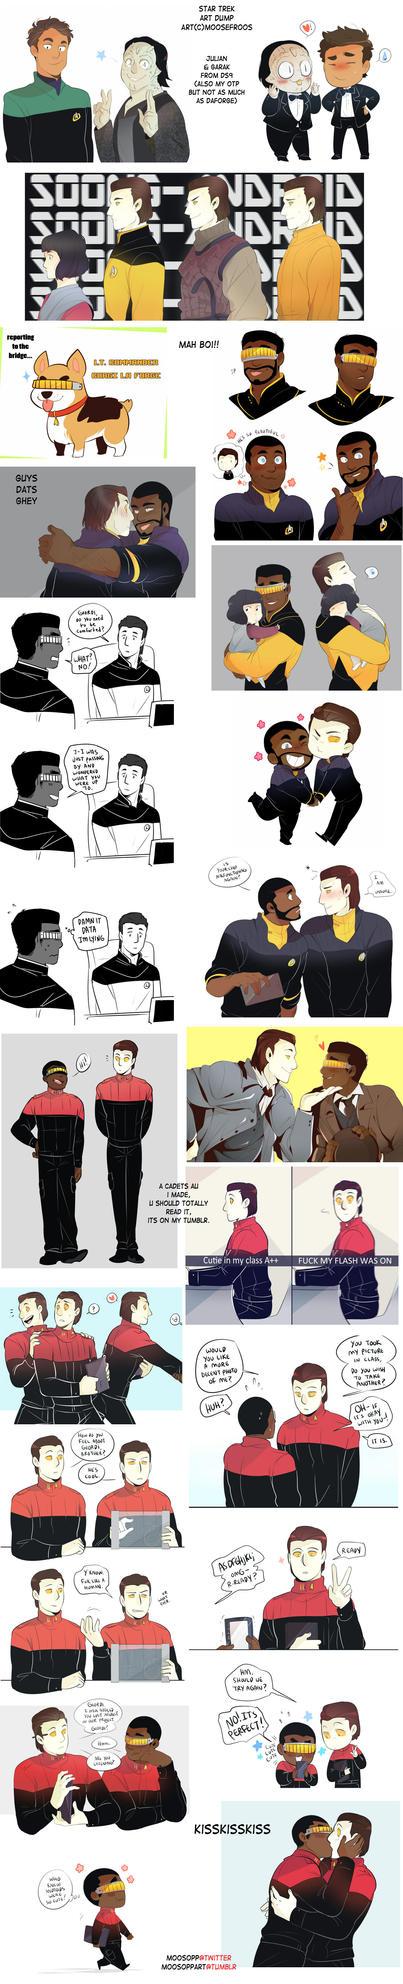 Star Trek art dump 11 by MooseFroos